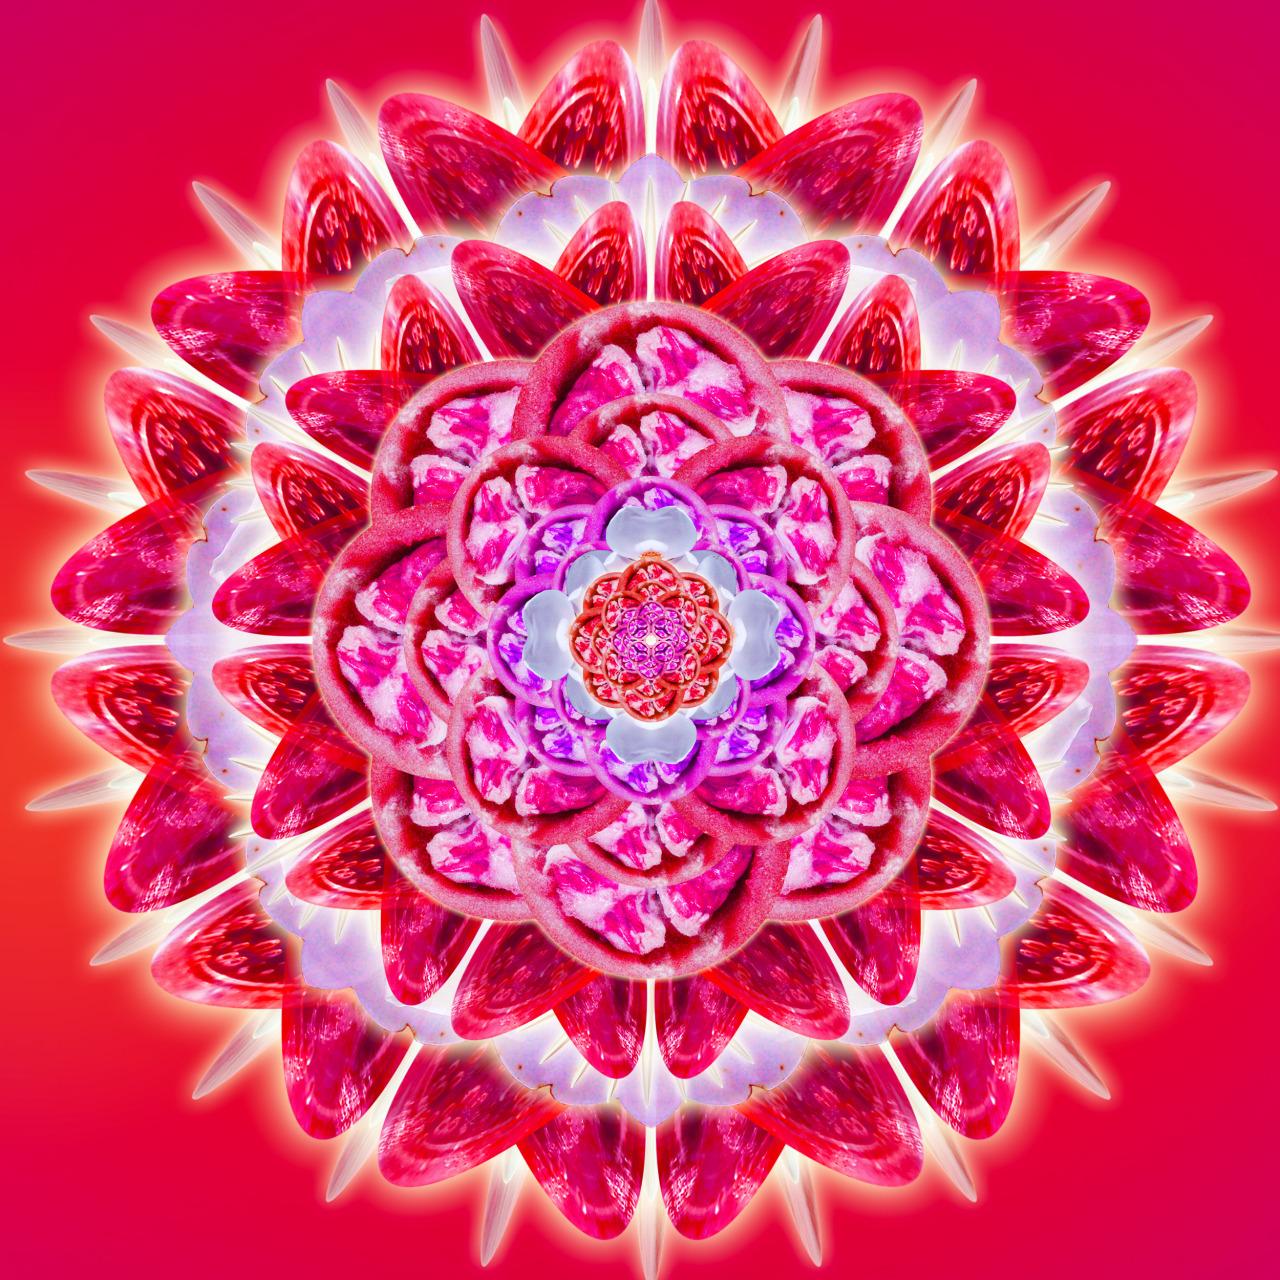 Mandala E Affermazioni Positive Per Attirare Lamore